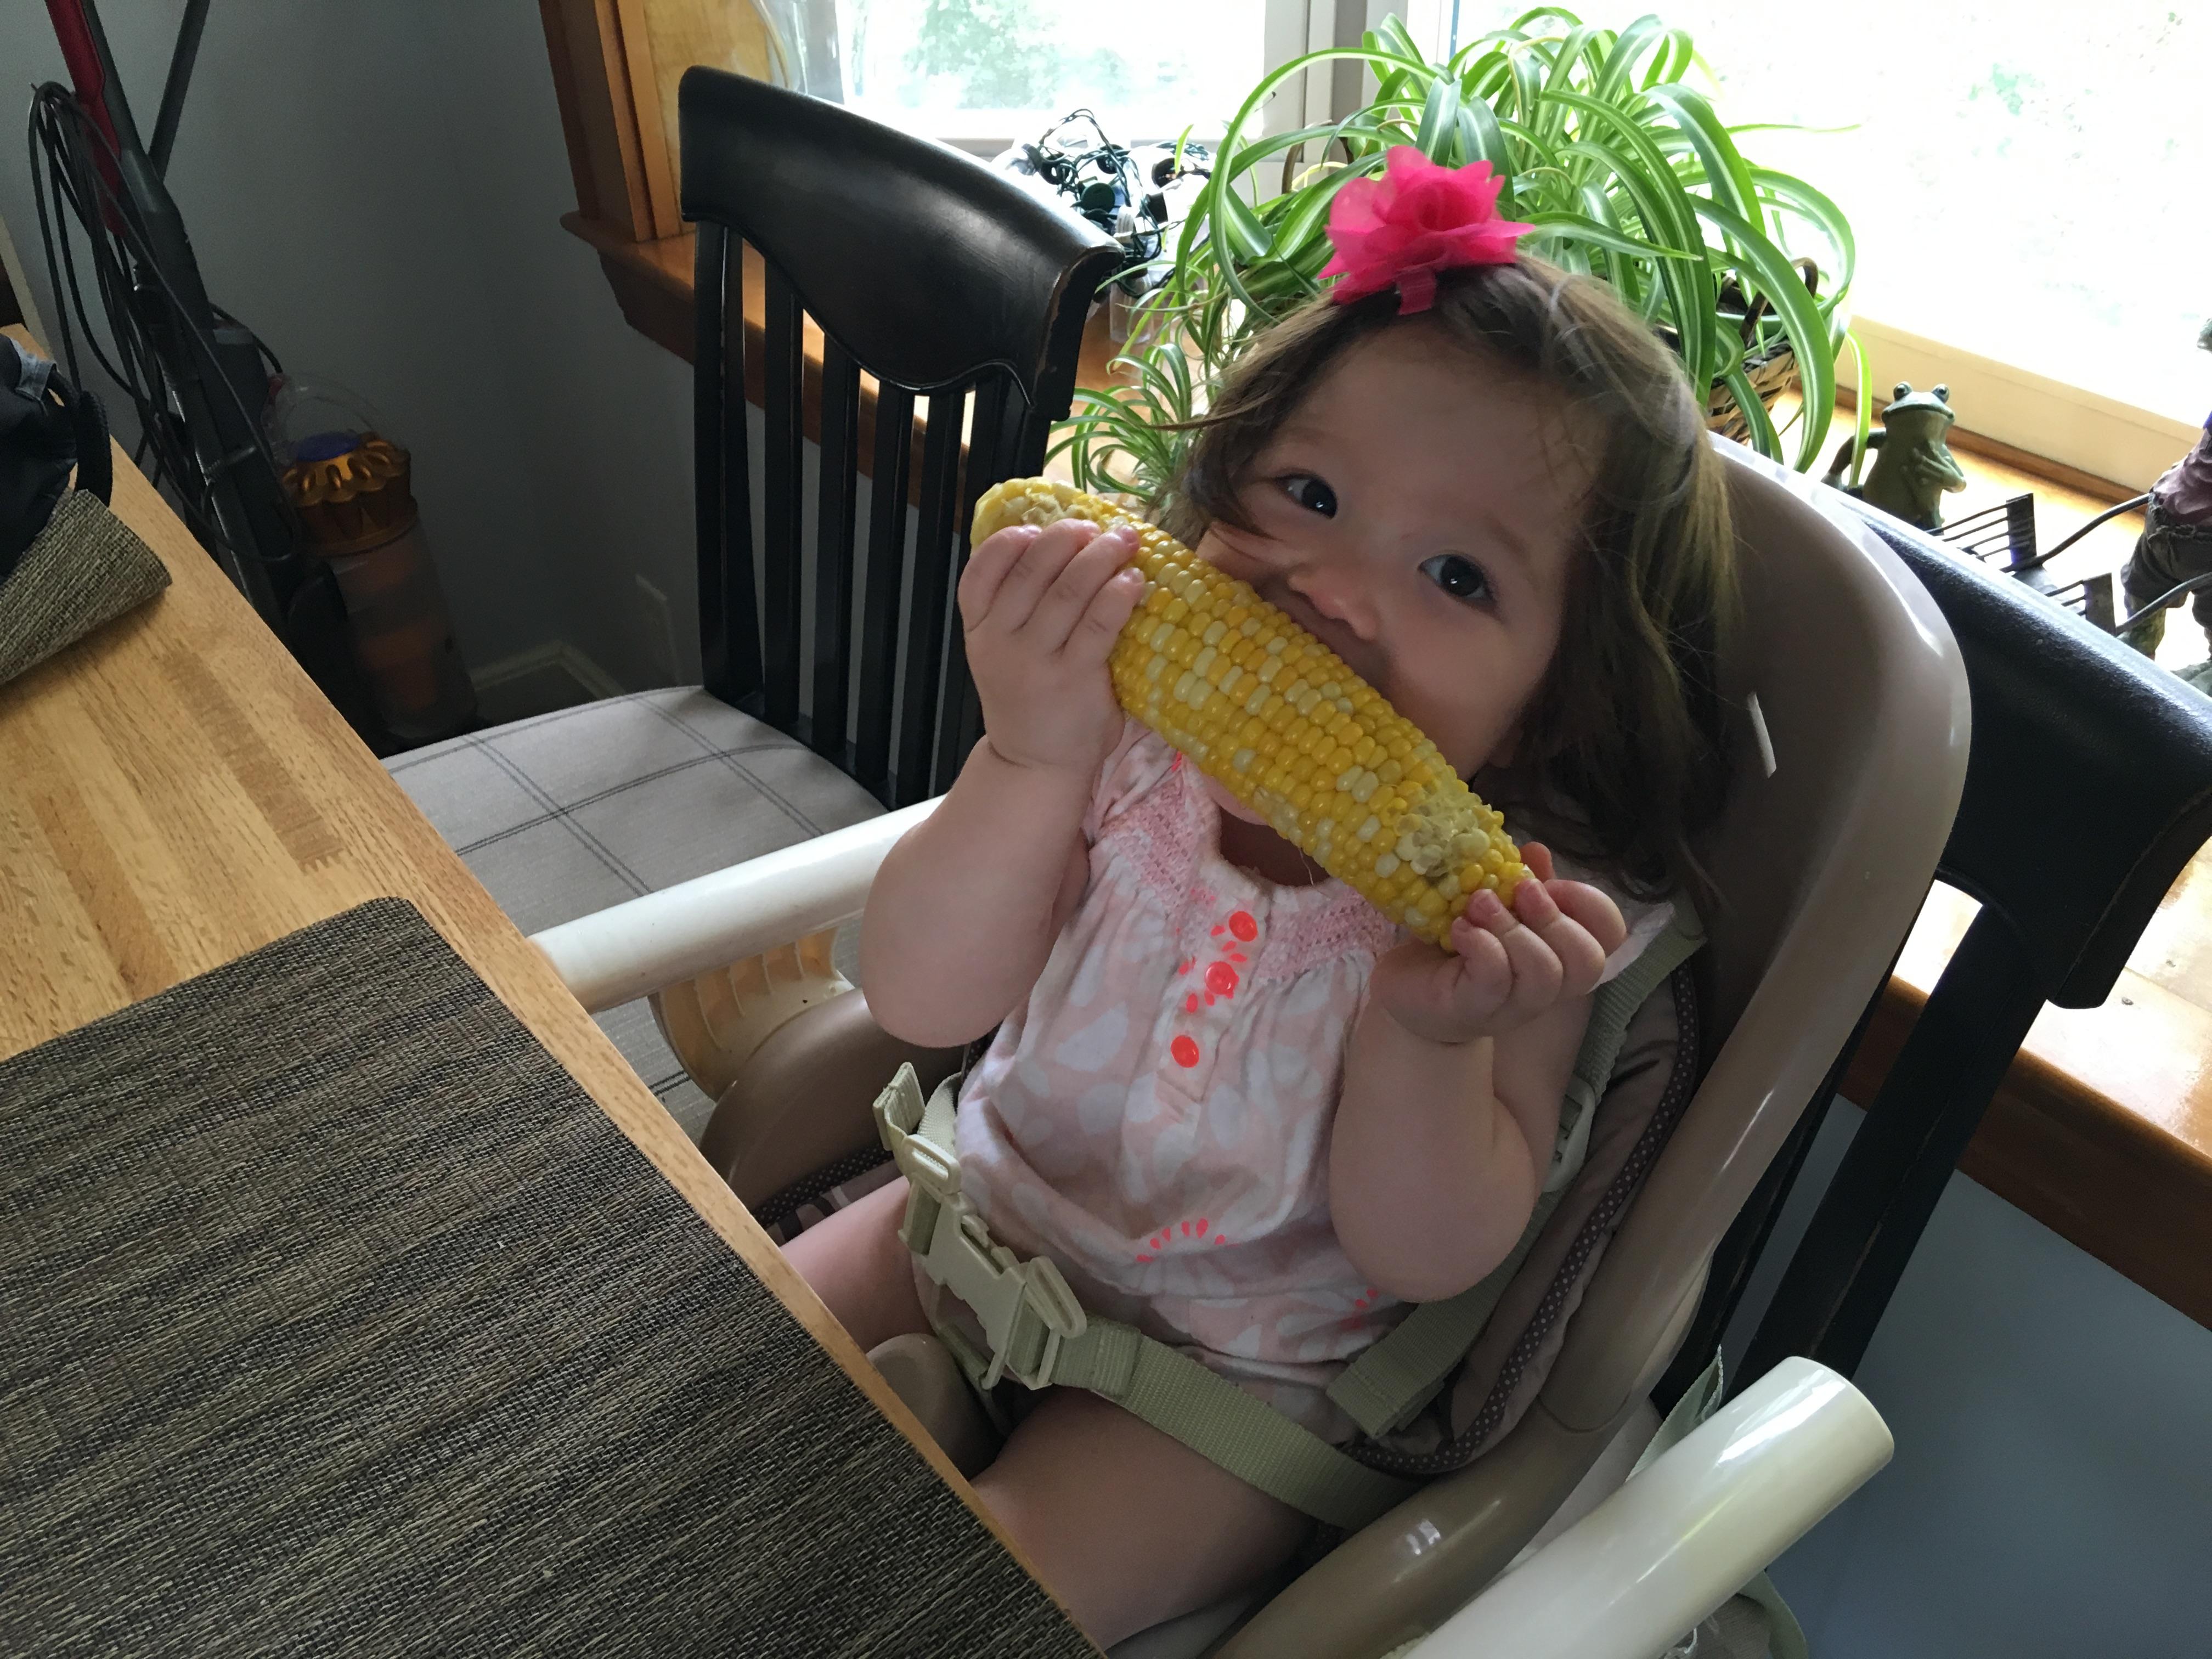 Kimi eating corn